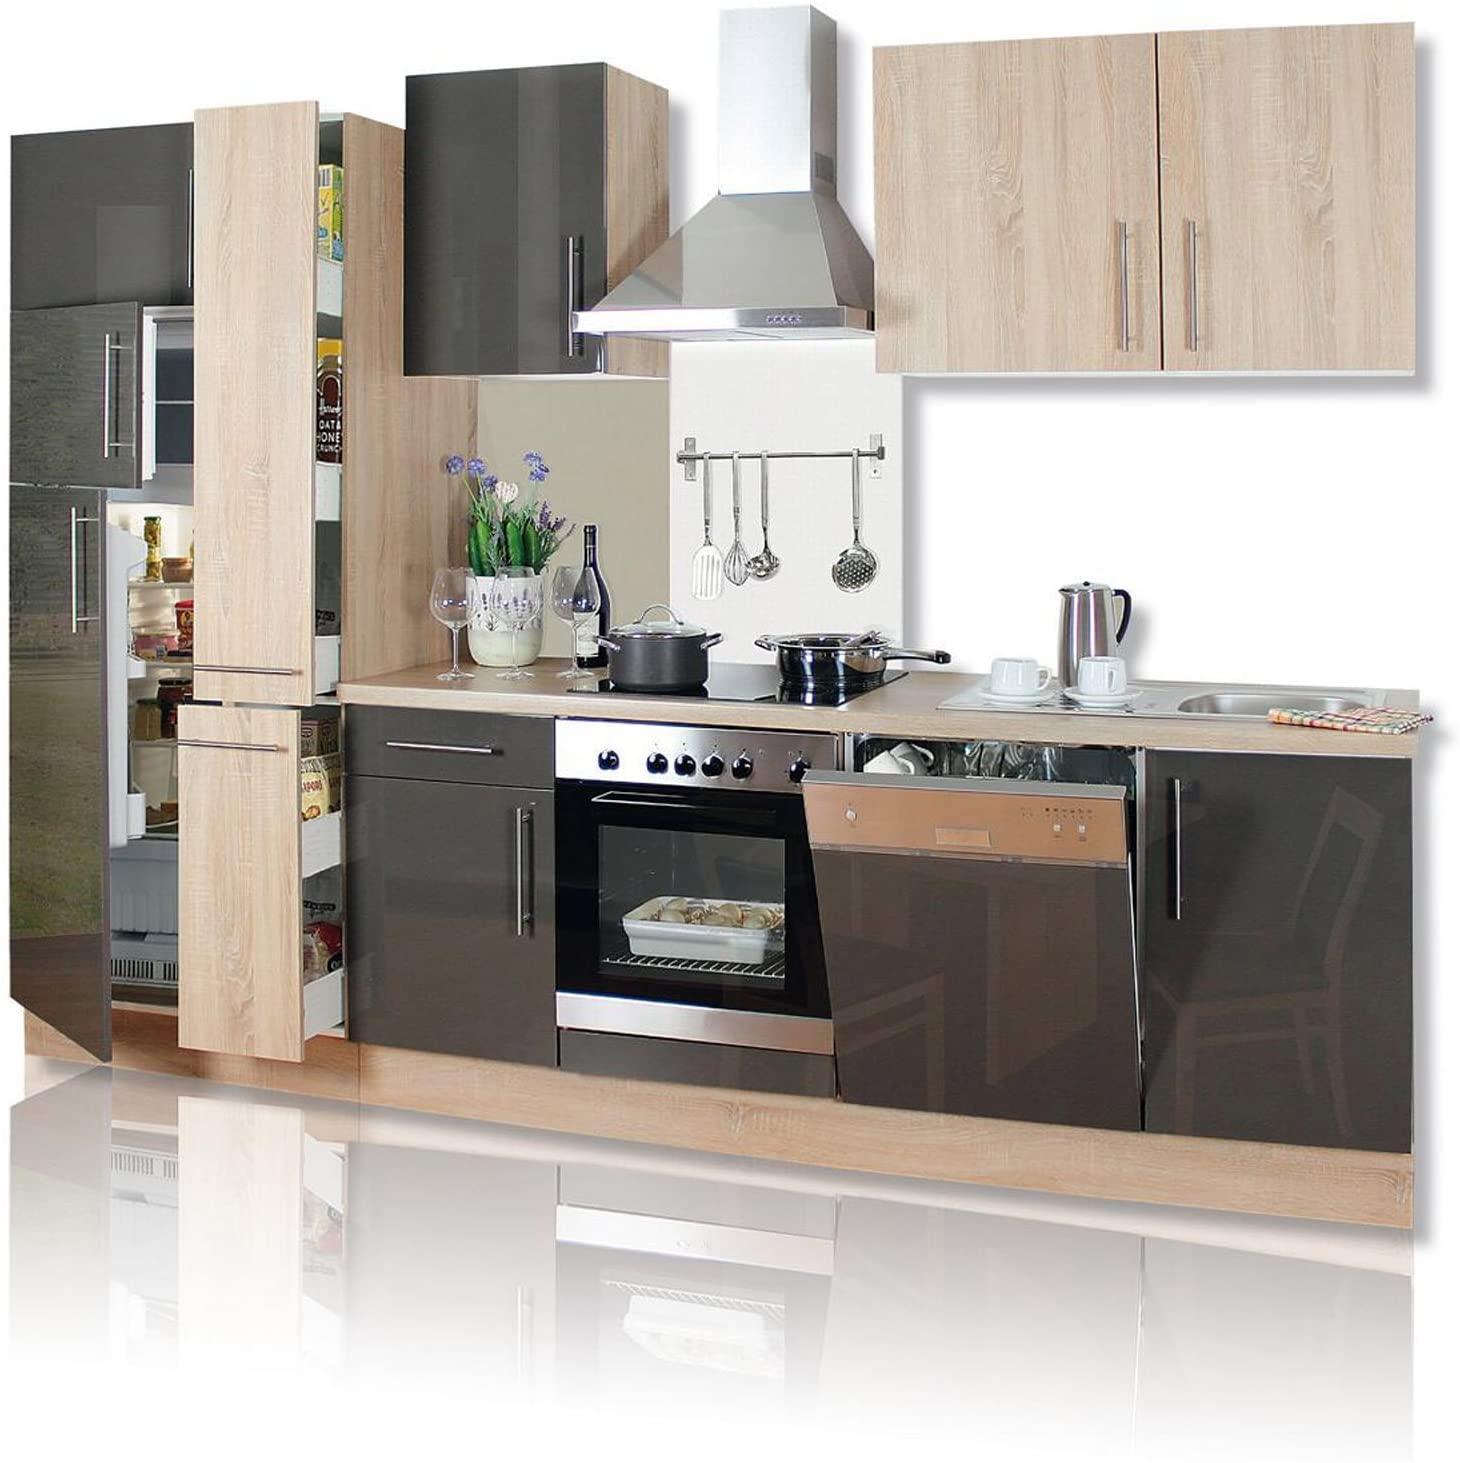 Full Size of Roller Küchen Kchenblock Jana Hochglanz Front Apothekerschrank E Regale Regal Wohnzimmer Roller Küchen